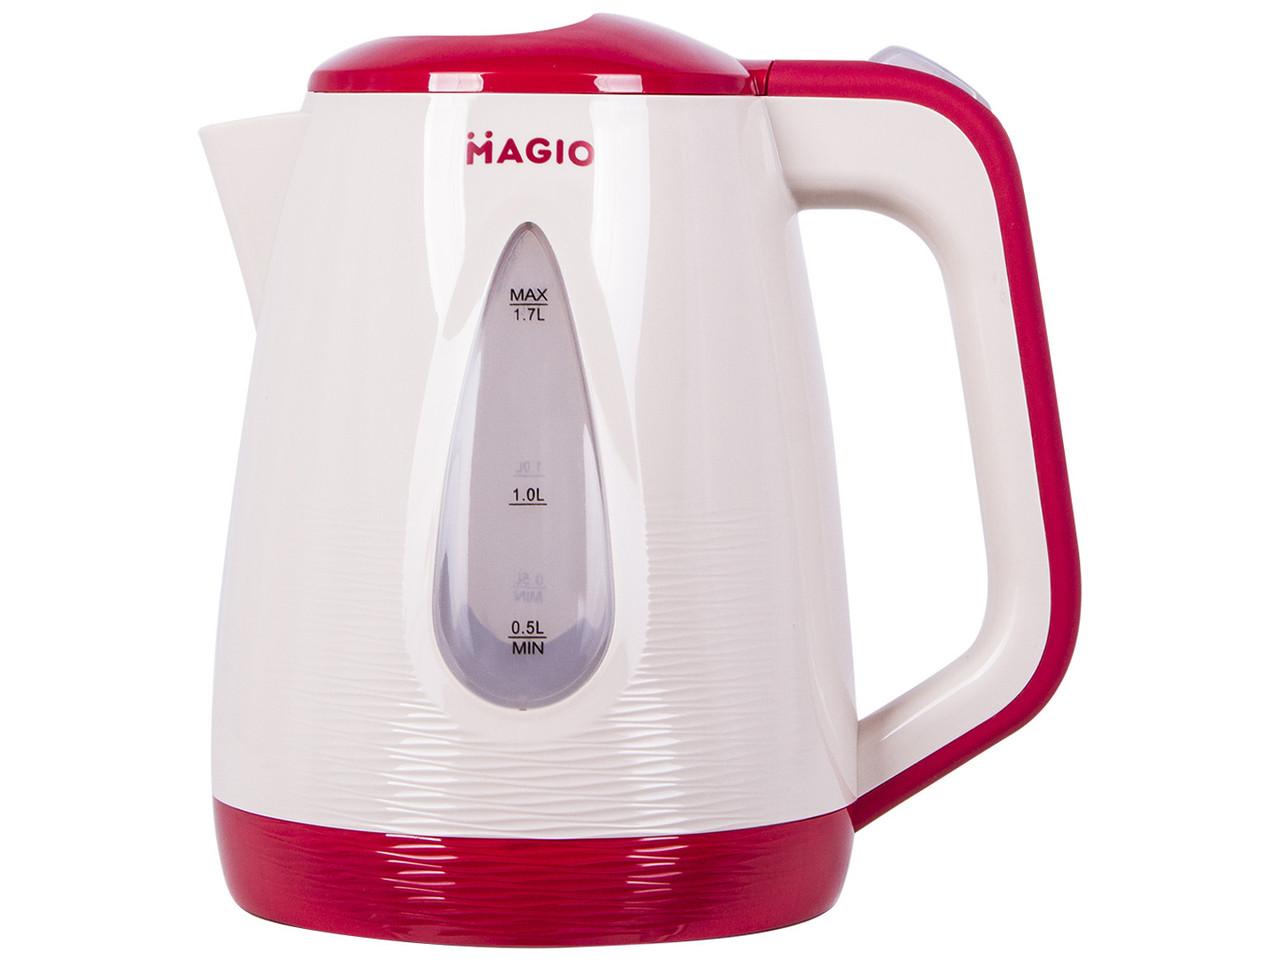 Электрочайник Magio Mg-520 1,7 Л 2200 Вт